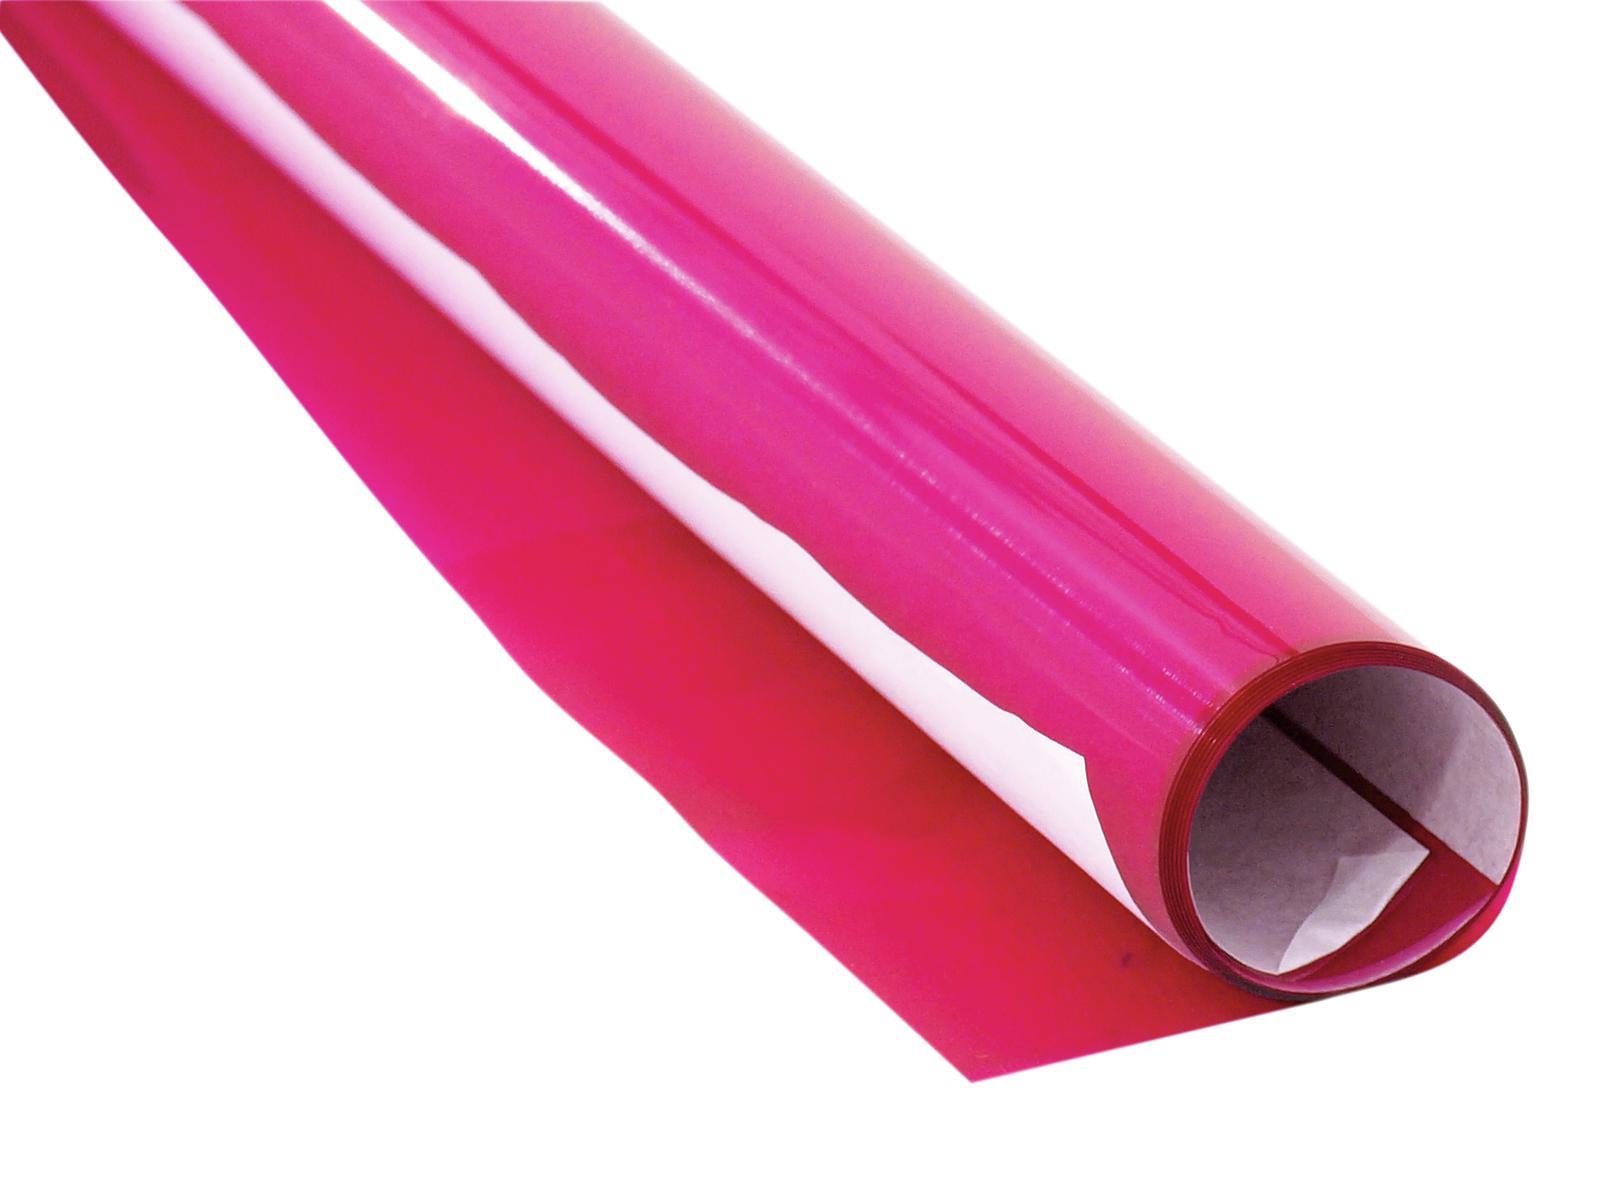 Gelatina Rotolo Filtro Per Tubo neon 128 61x50cm rosa brillante Eurolite